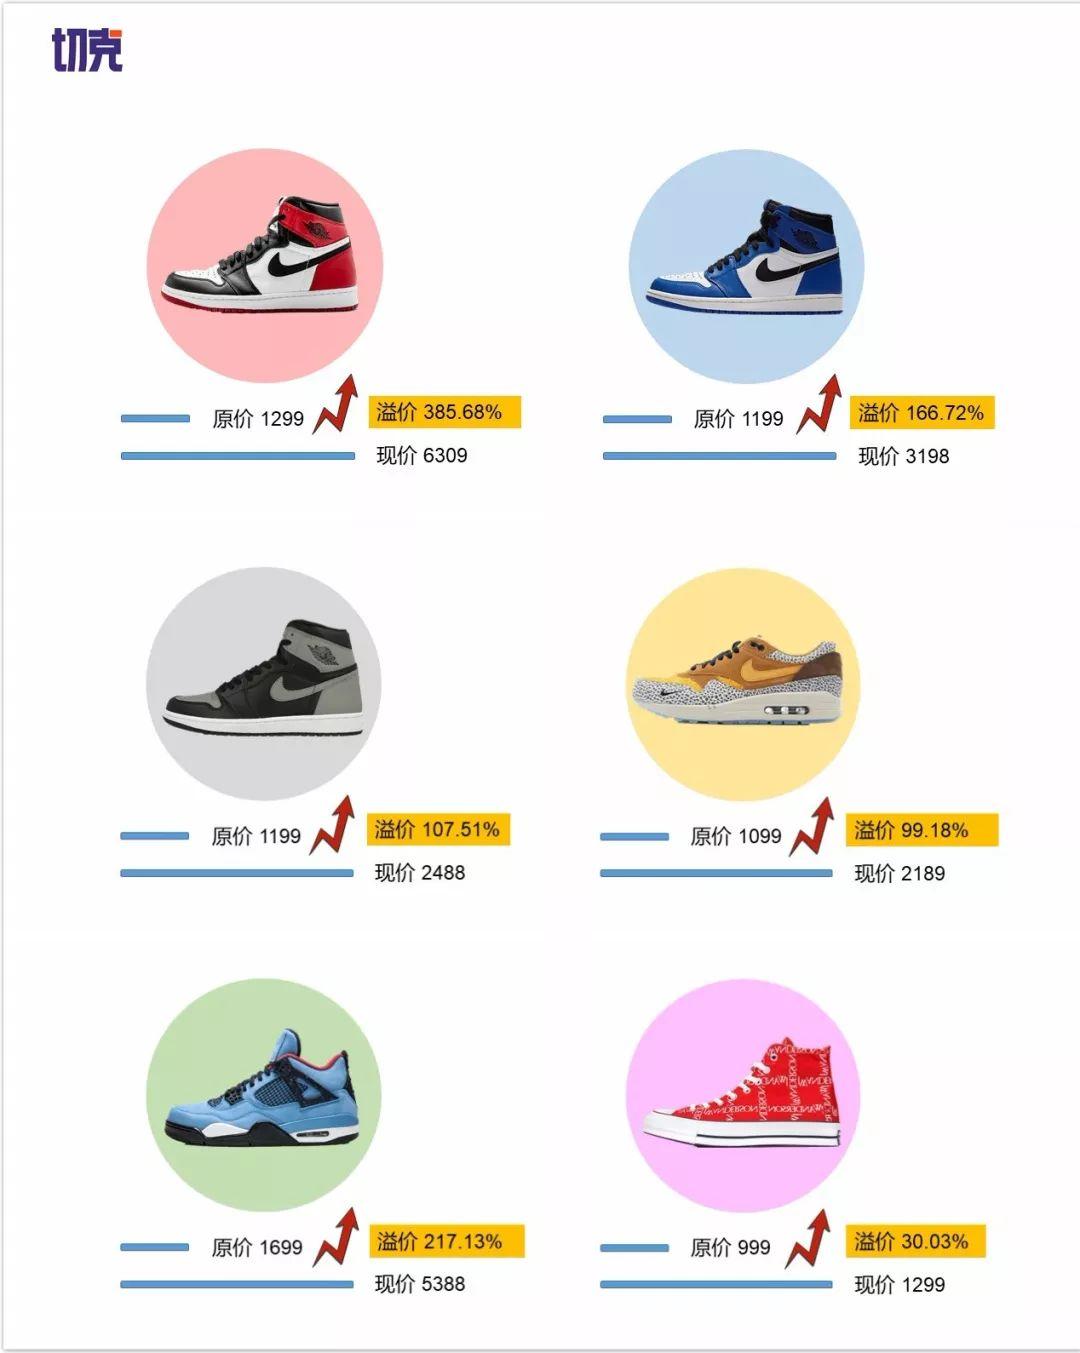 球鞋的夏天-一点财经